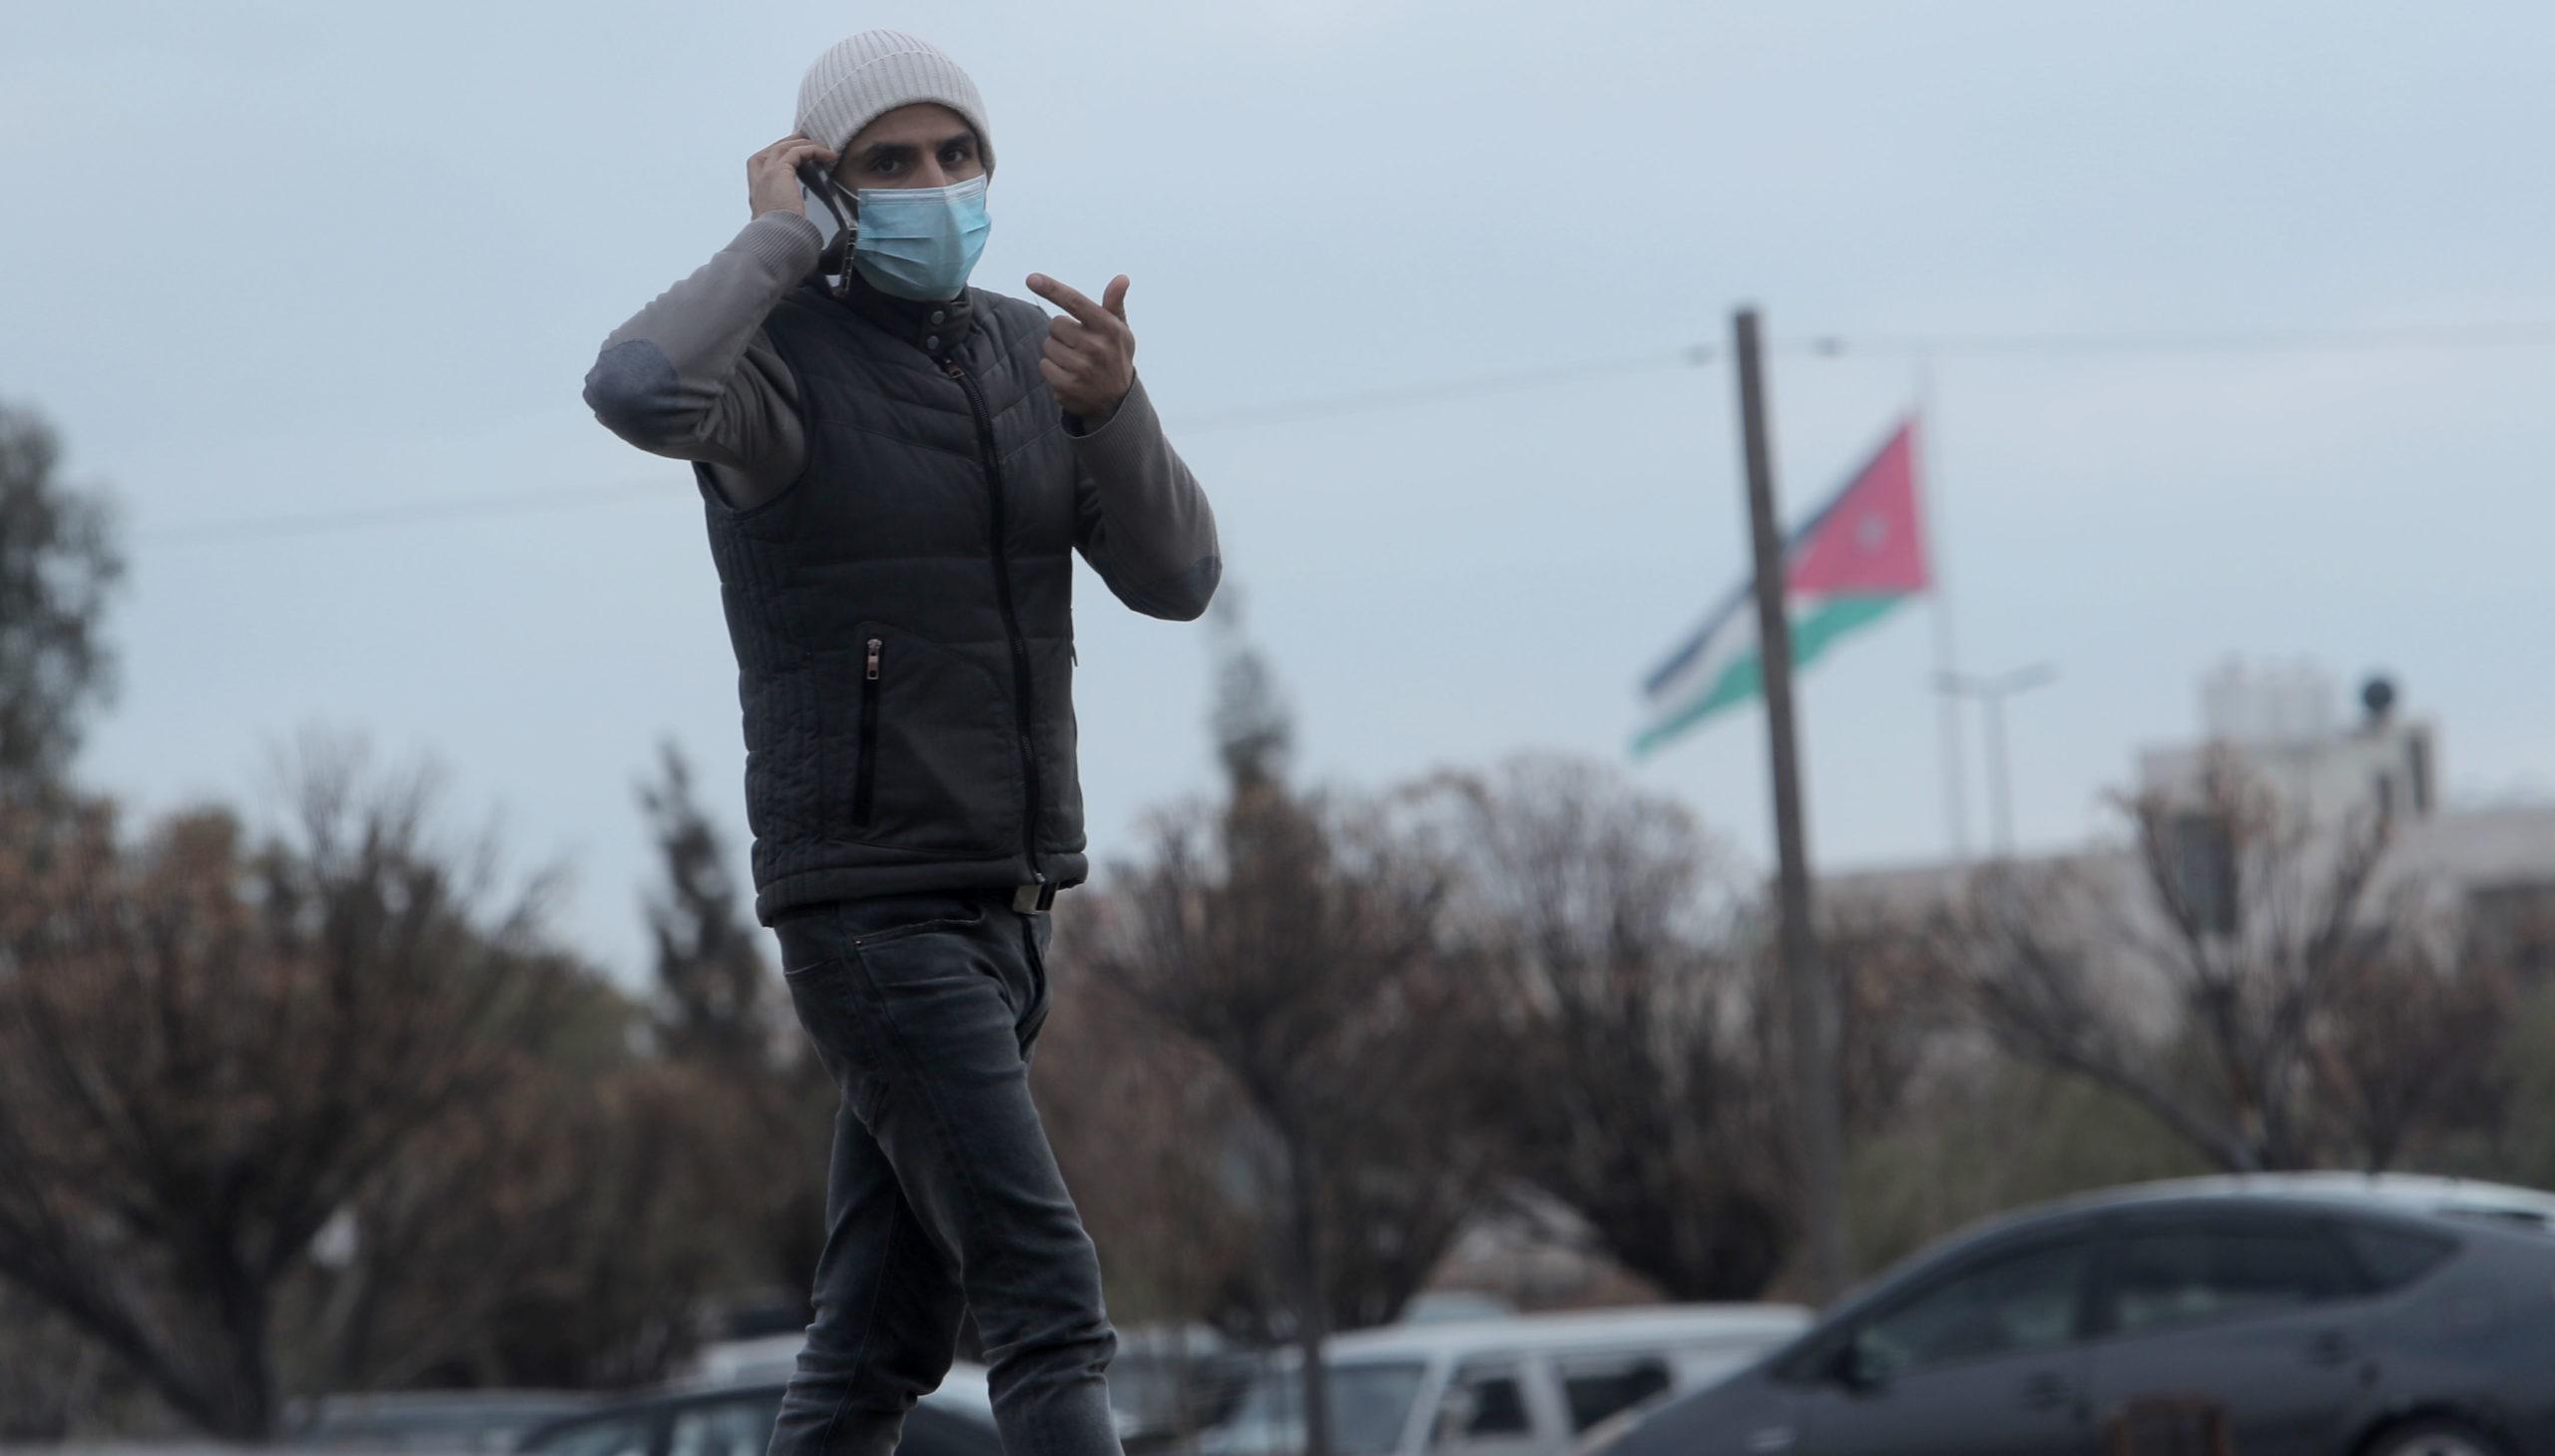 شاب يضع كمامة قرب مستشفى الأمير حمزة بالتزامن مع إعلان تسجيل أول إصابة بكورونا في المملكة قبل اسبوعين (تصوير محمد مغايضة)